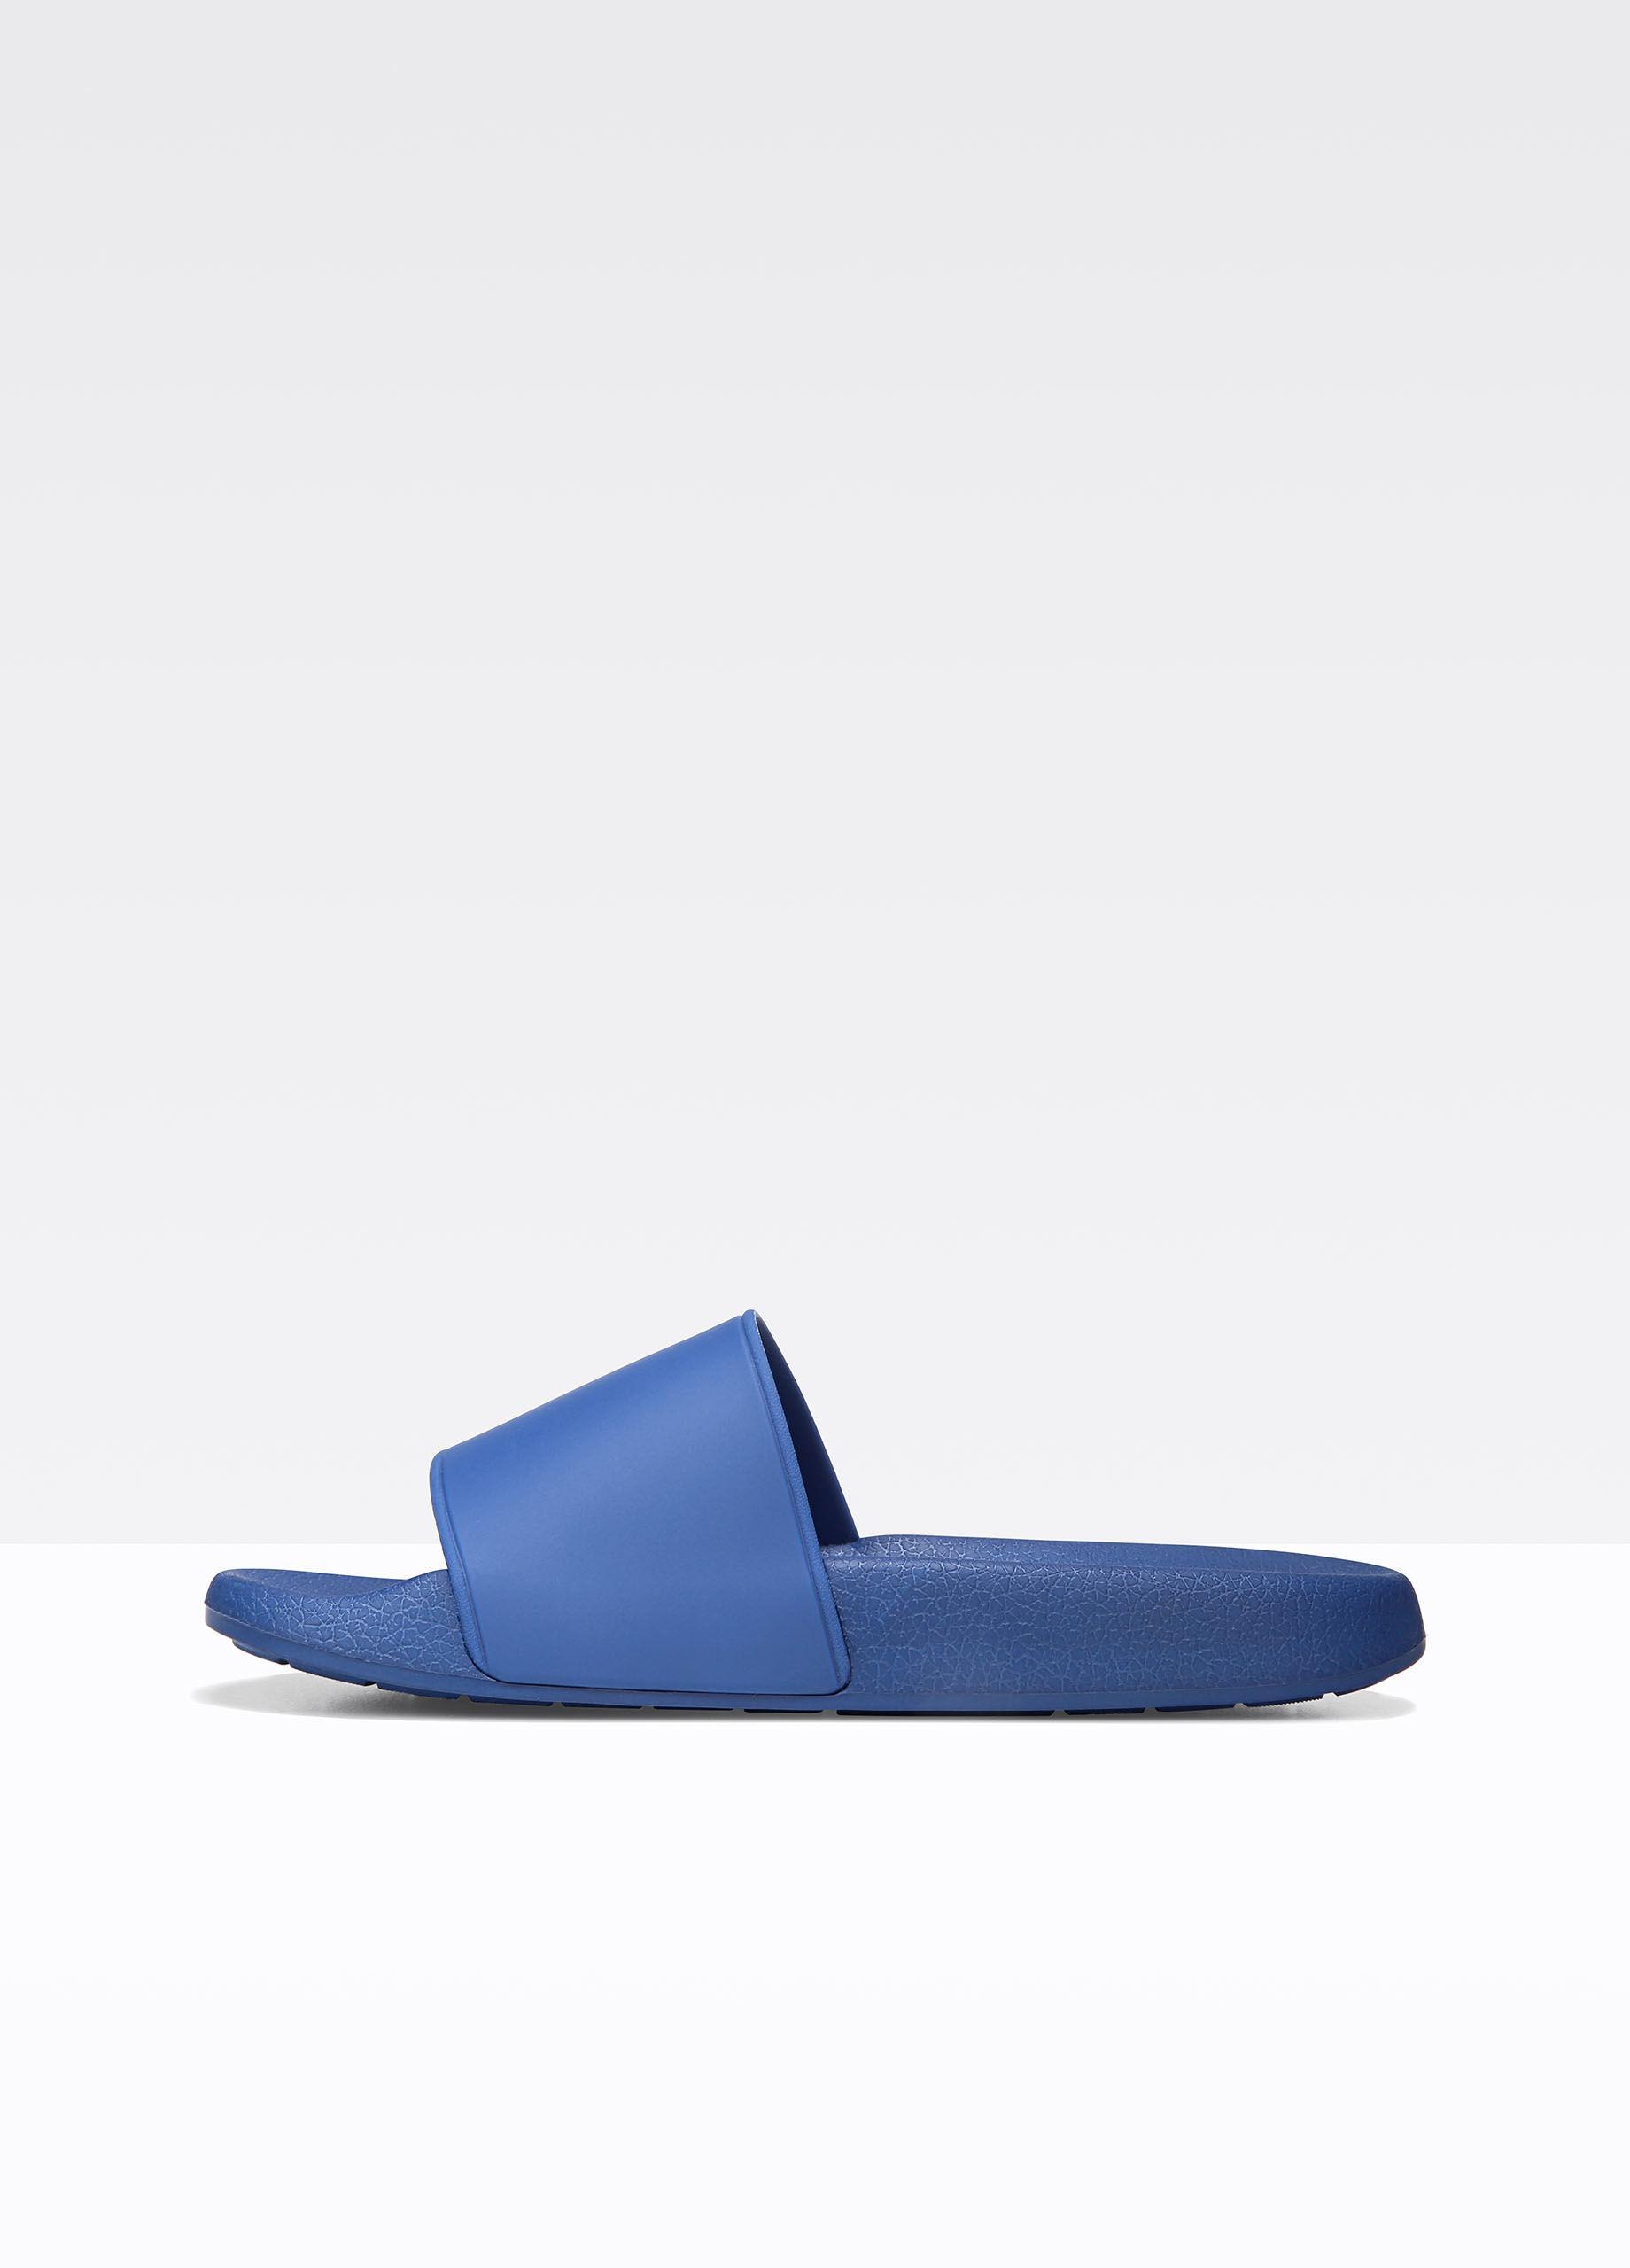 Vince West Coast Rubber Slide Sandal Lyst Vince West Coast